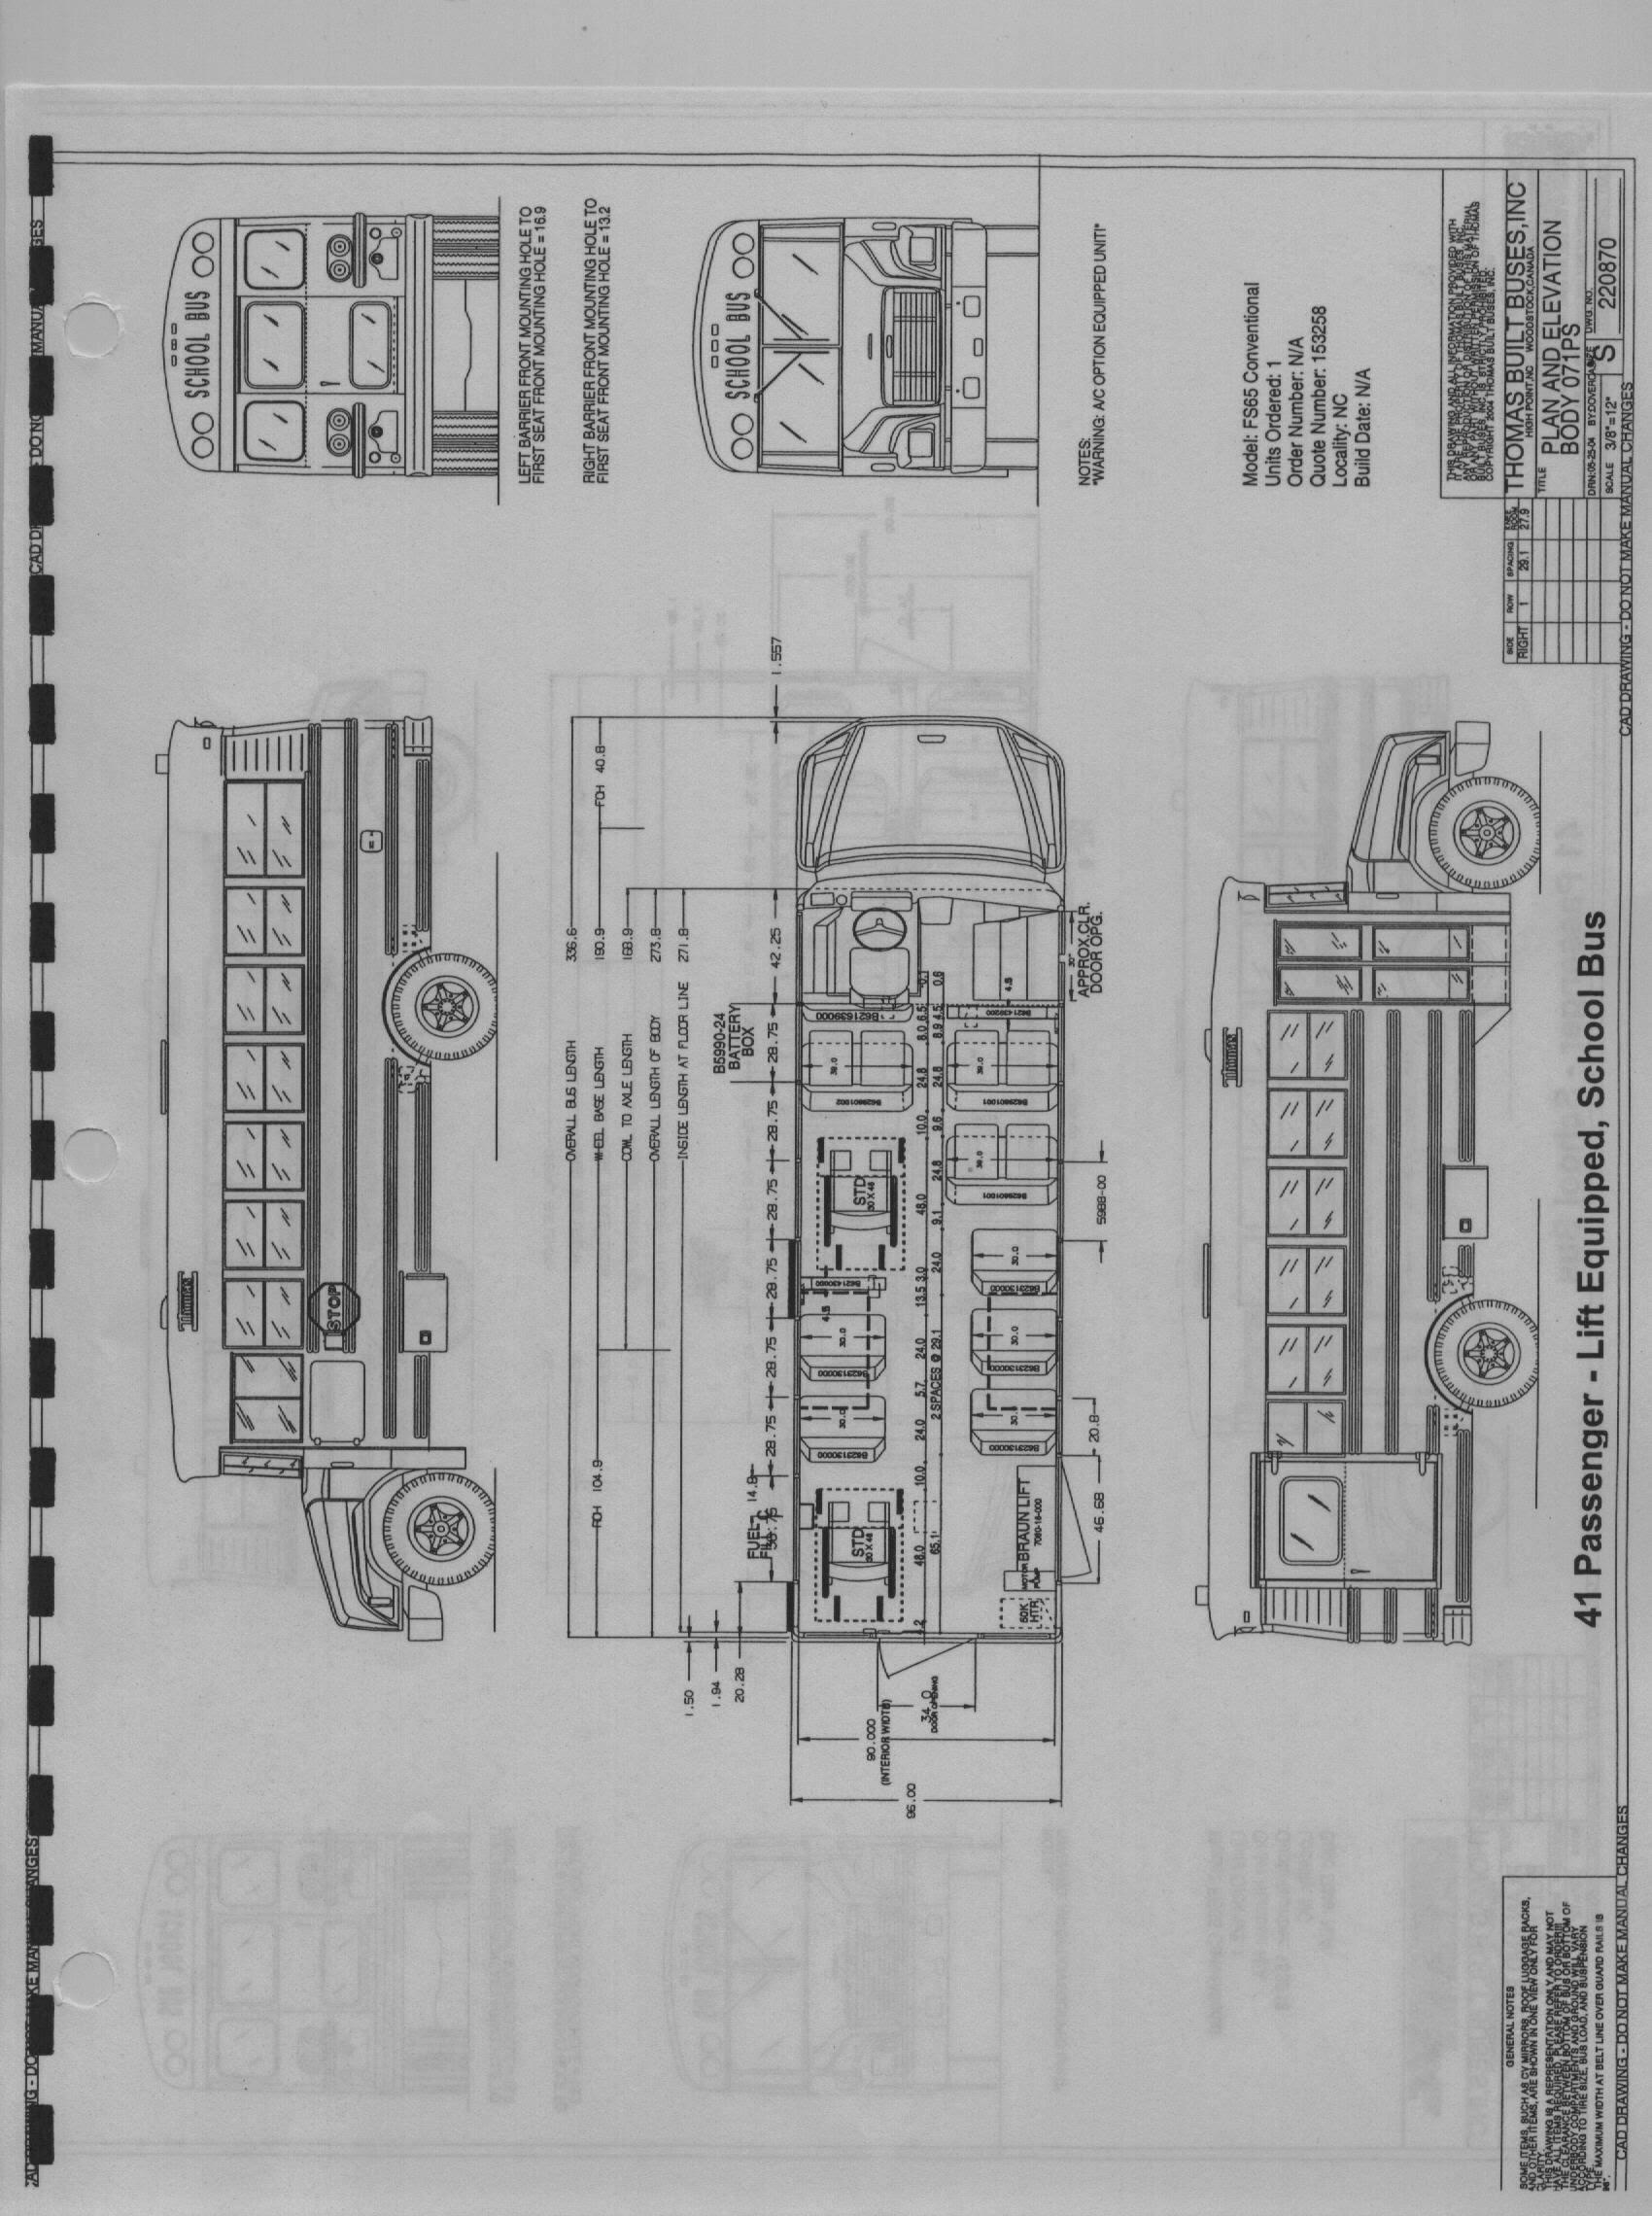 34 Blue Bird Bus Wiring Diagram - Free Wiring Diagram SourceFree Wiring Diagram Source